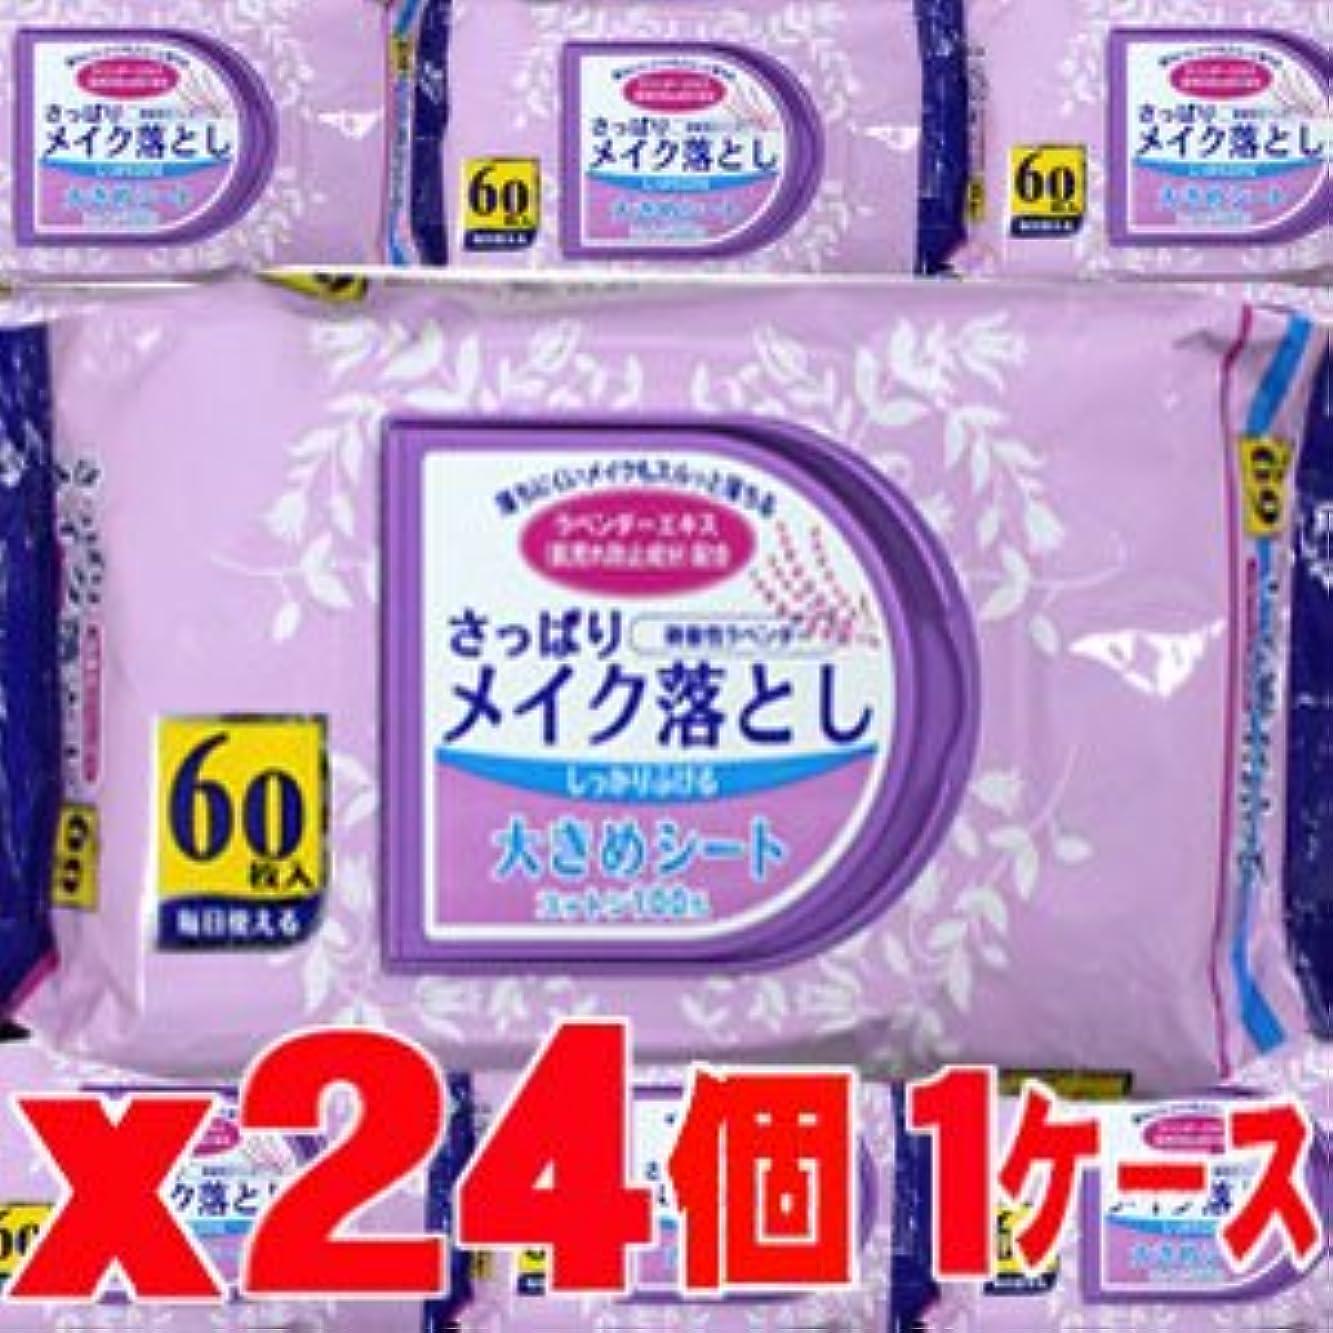 うまお祝い素晴らしい【24個】さっぱり メイク落とし 60枚x24個 1ケース (4994416031245)